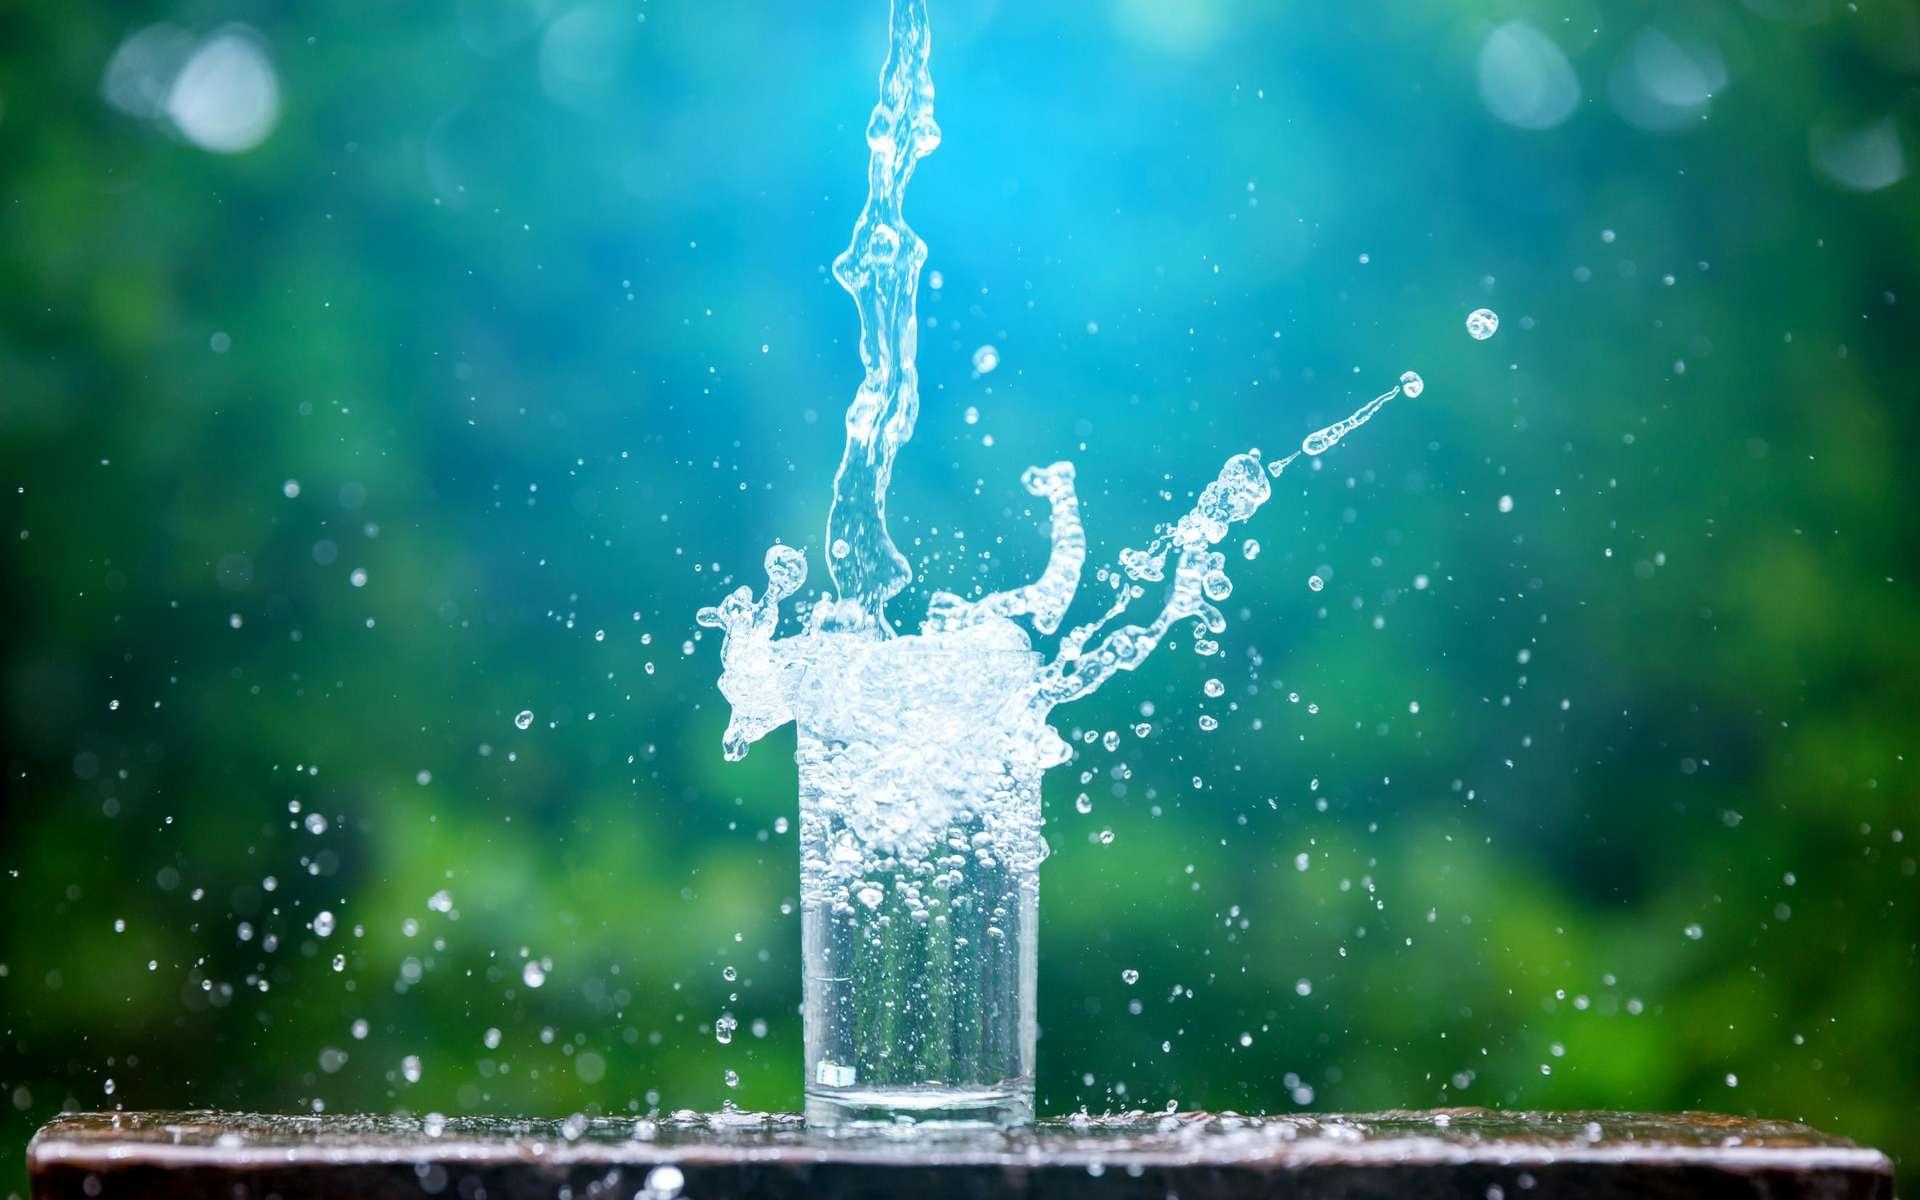 Un potomane peut boire jusqu'à 24 litres d'eau par jour. © Noon@photo, Adobe Stock